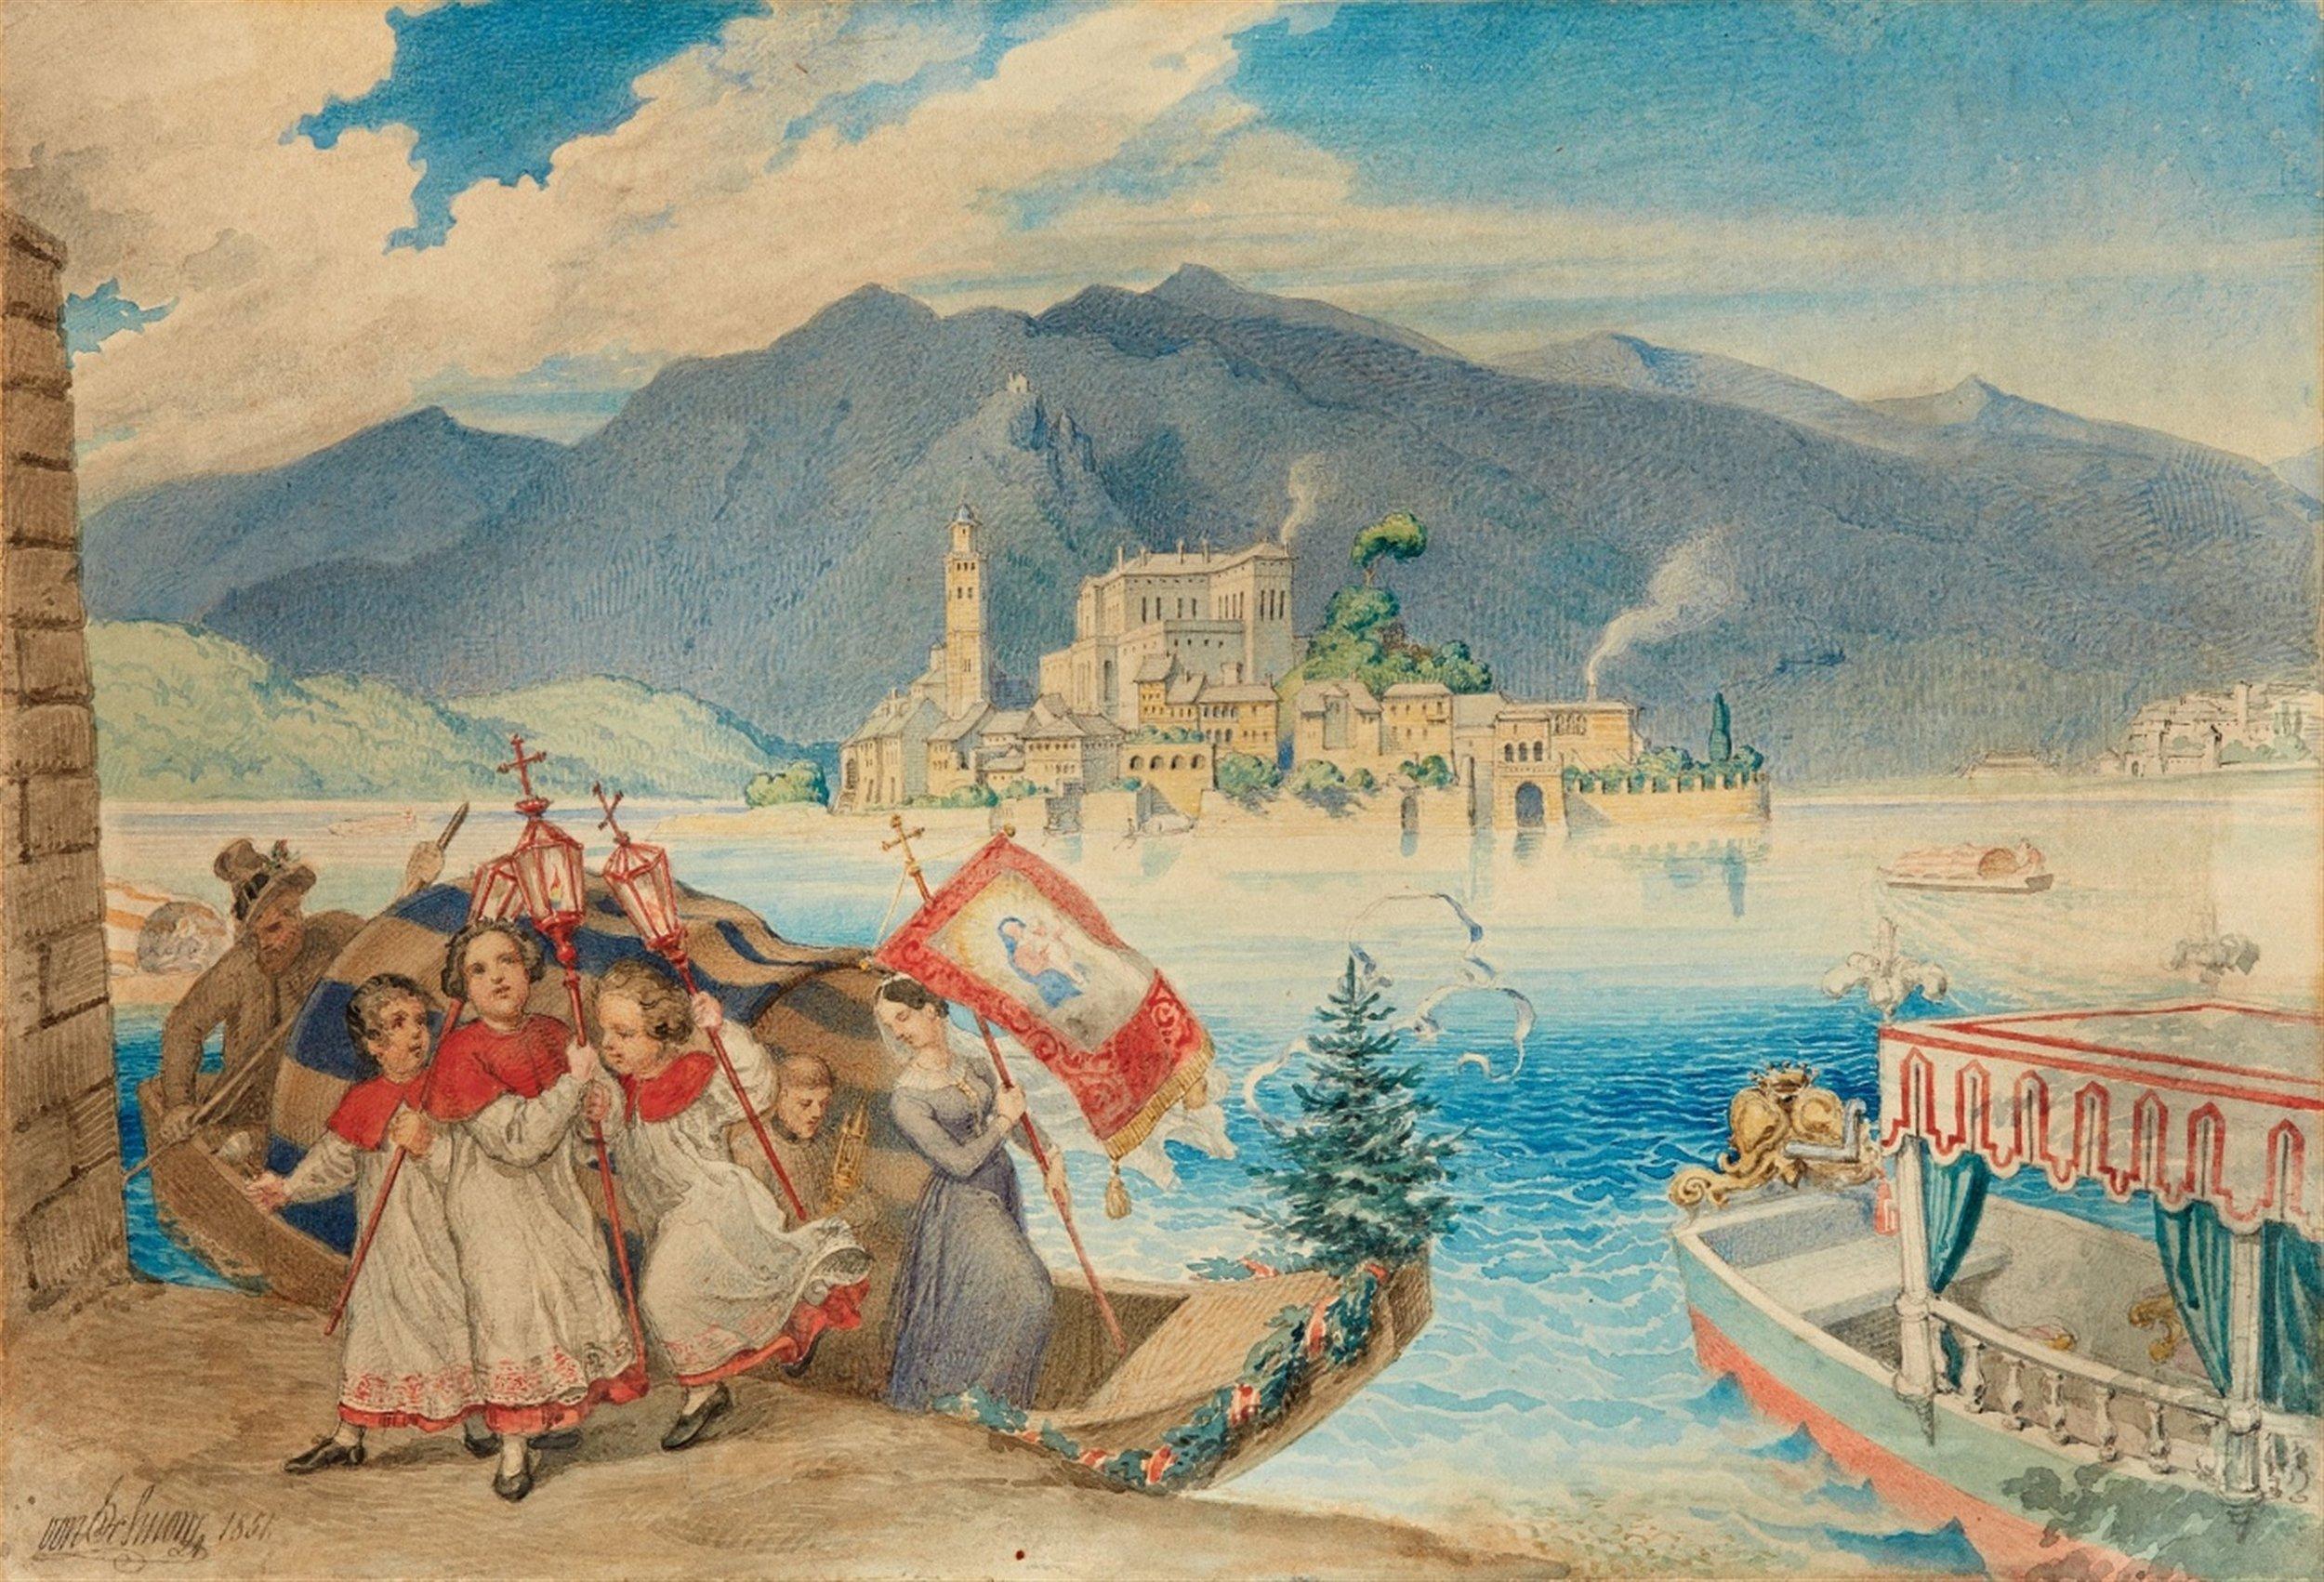 Ludwig Ferdinand Schnorr von Carolsfeld  (Königsberg 1788 - 1853 Wien)  Pilgerfahrt zum Schrein der Madonna del Sasso am Lago Maggiore  Aquarell auf Papier auf Karton  17,8 x 25,8 cm, gerahmt  signiert und datiert unten links: von C Schnorr 1851.